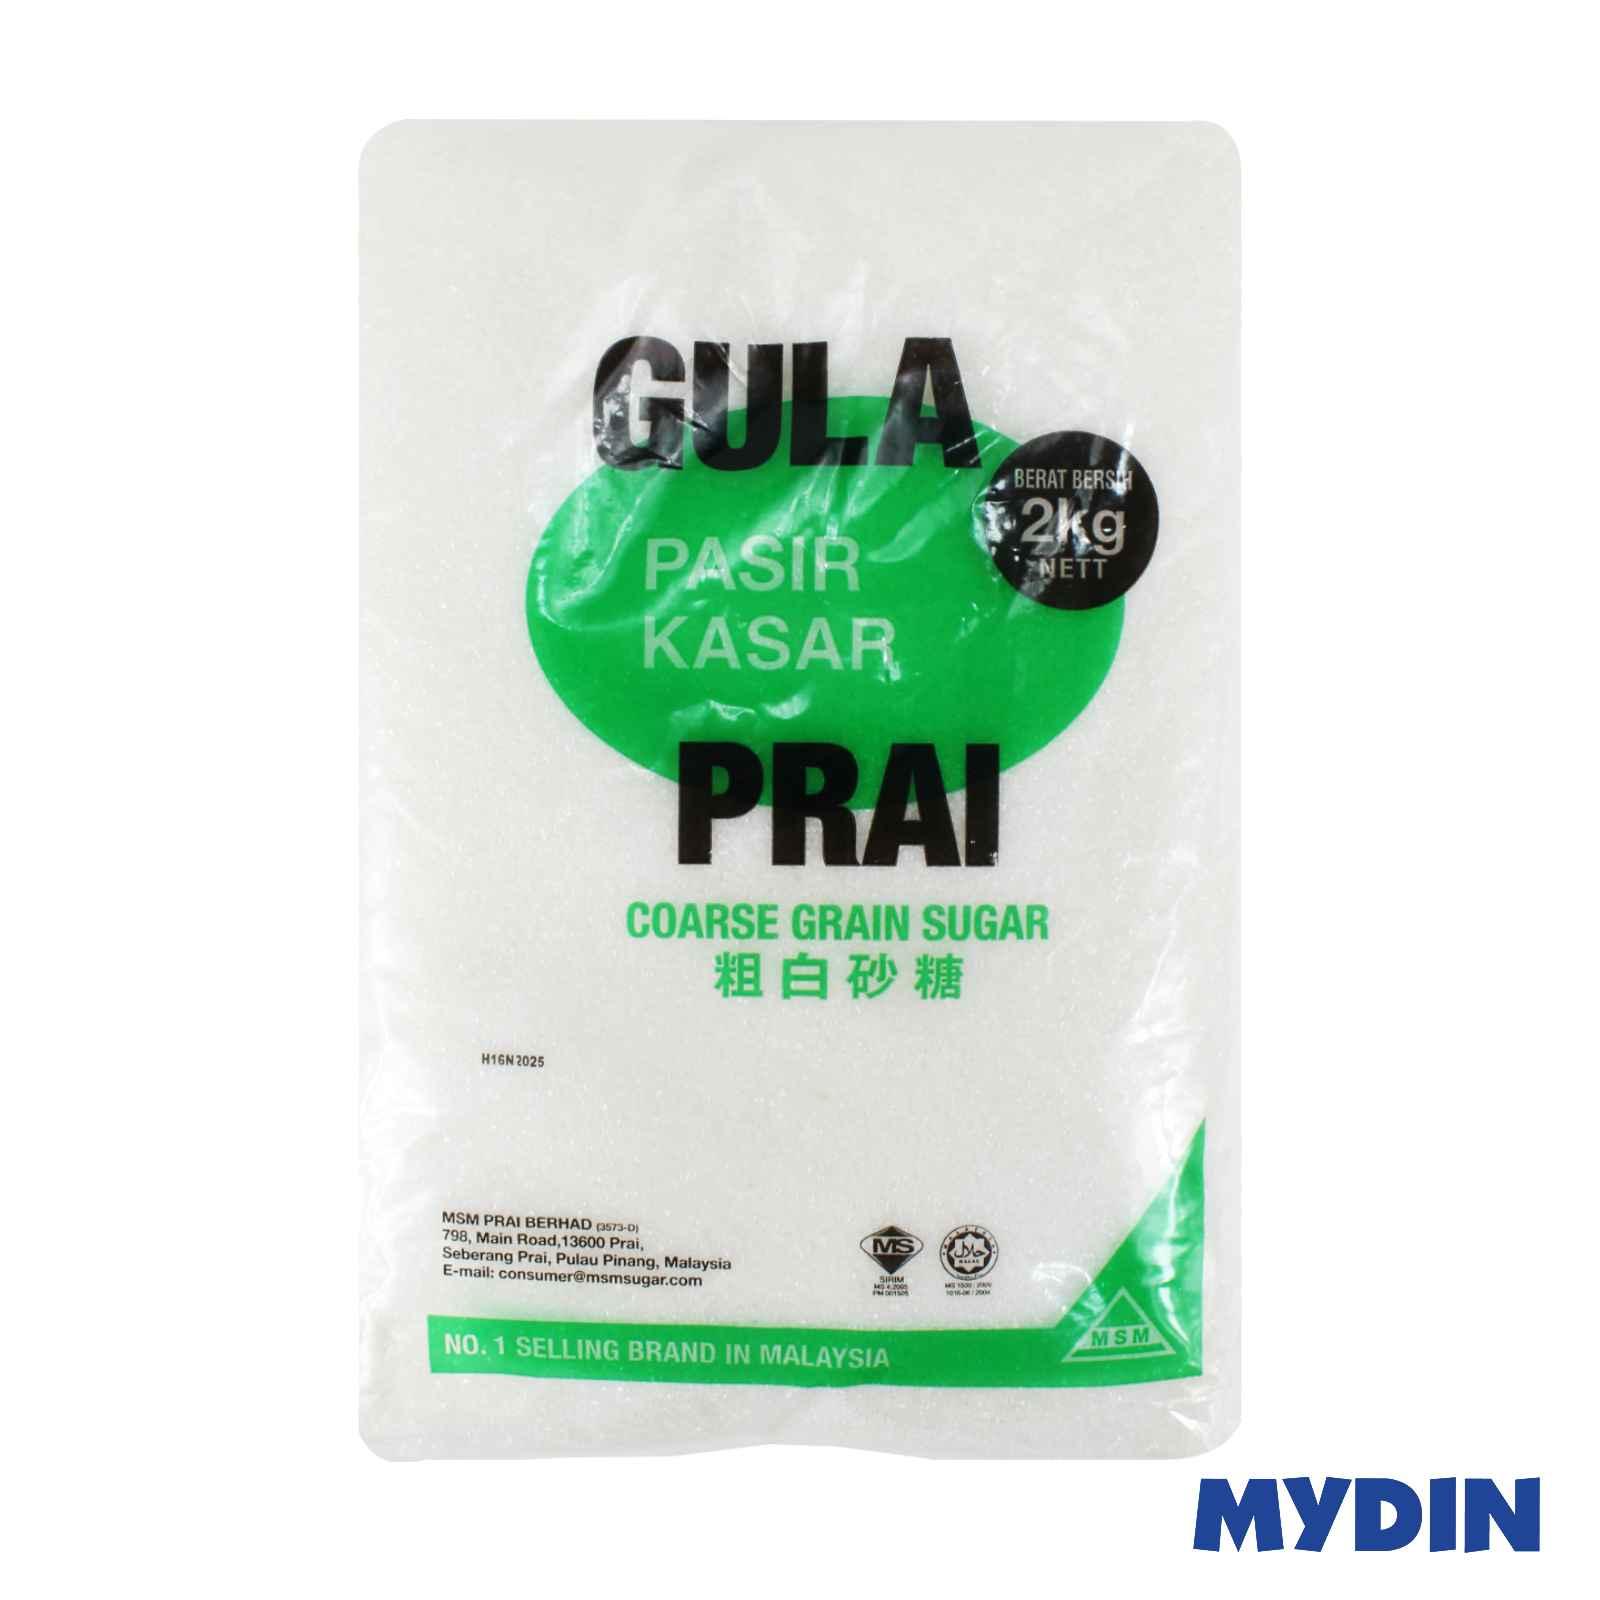 Msm Coarse Grain Sugar (2kg)